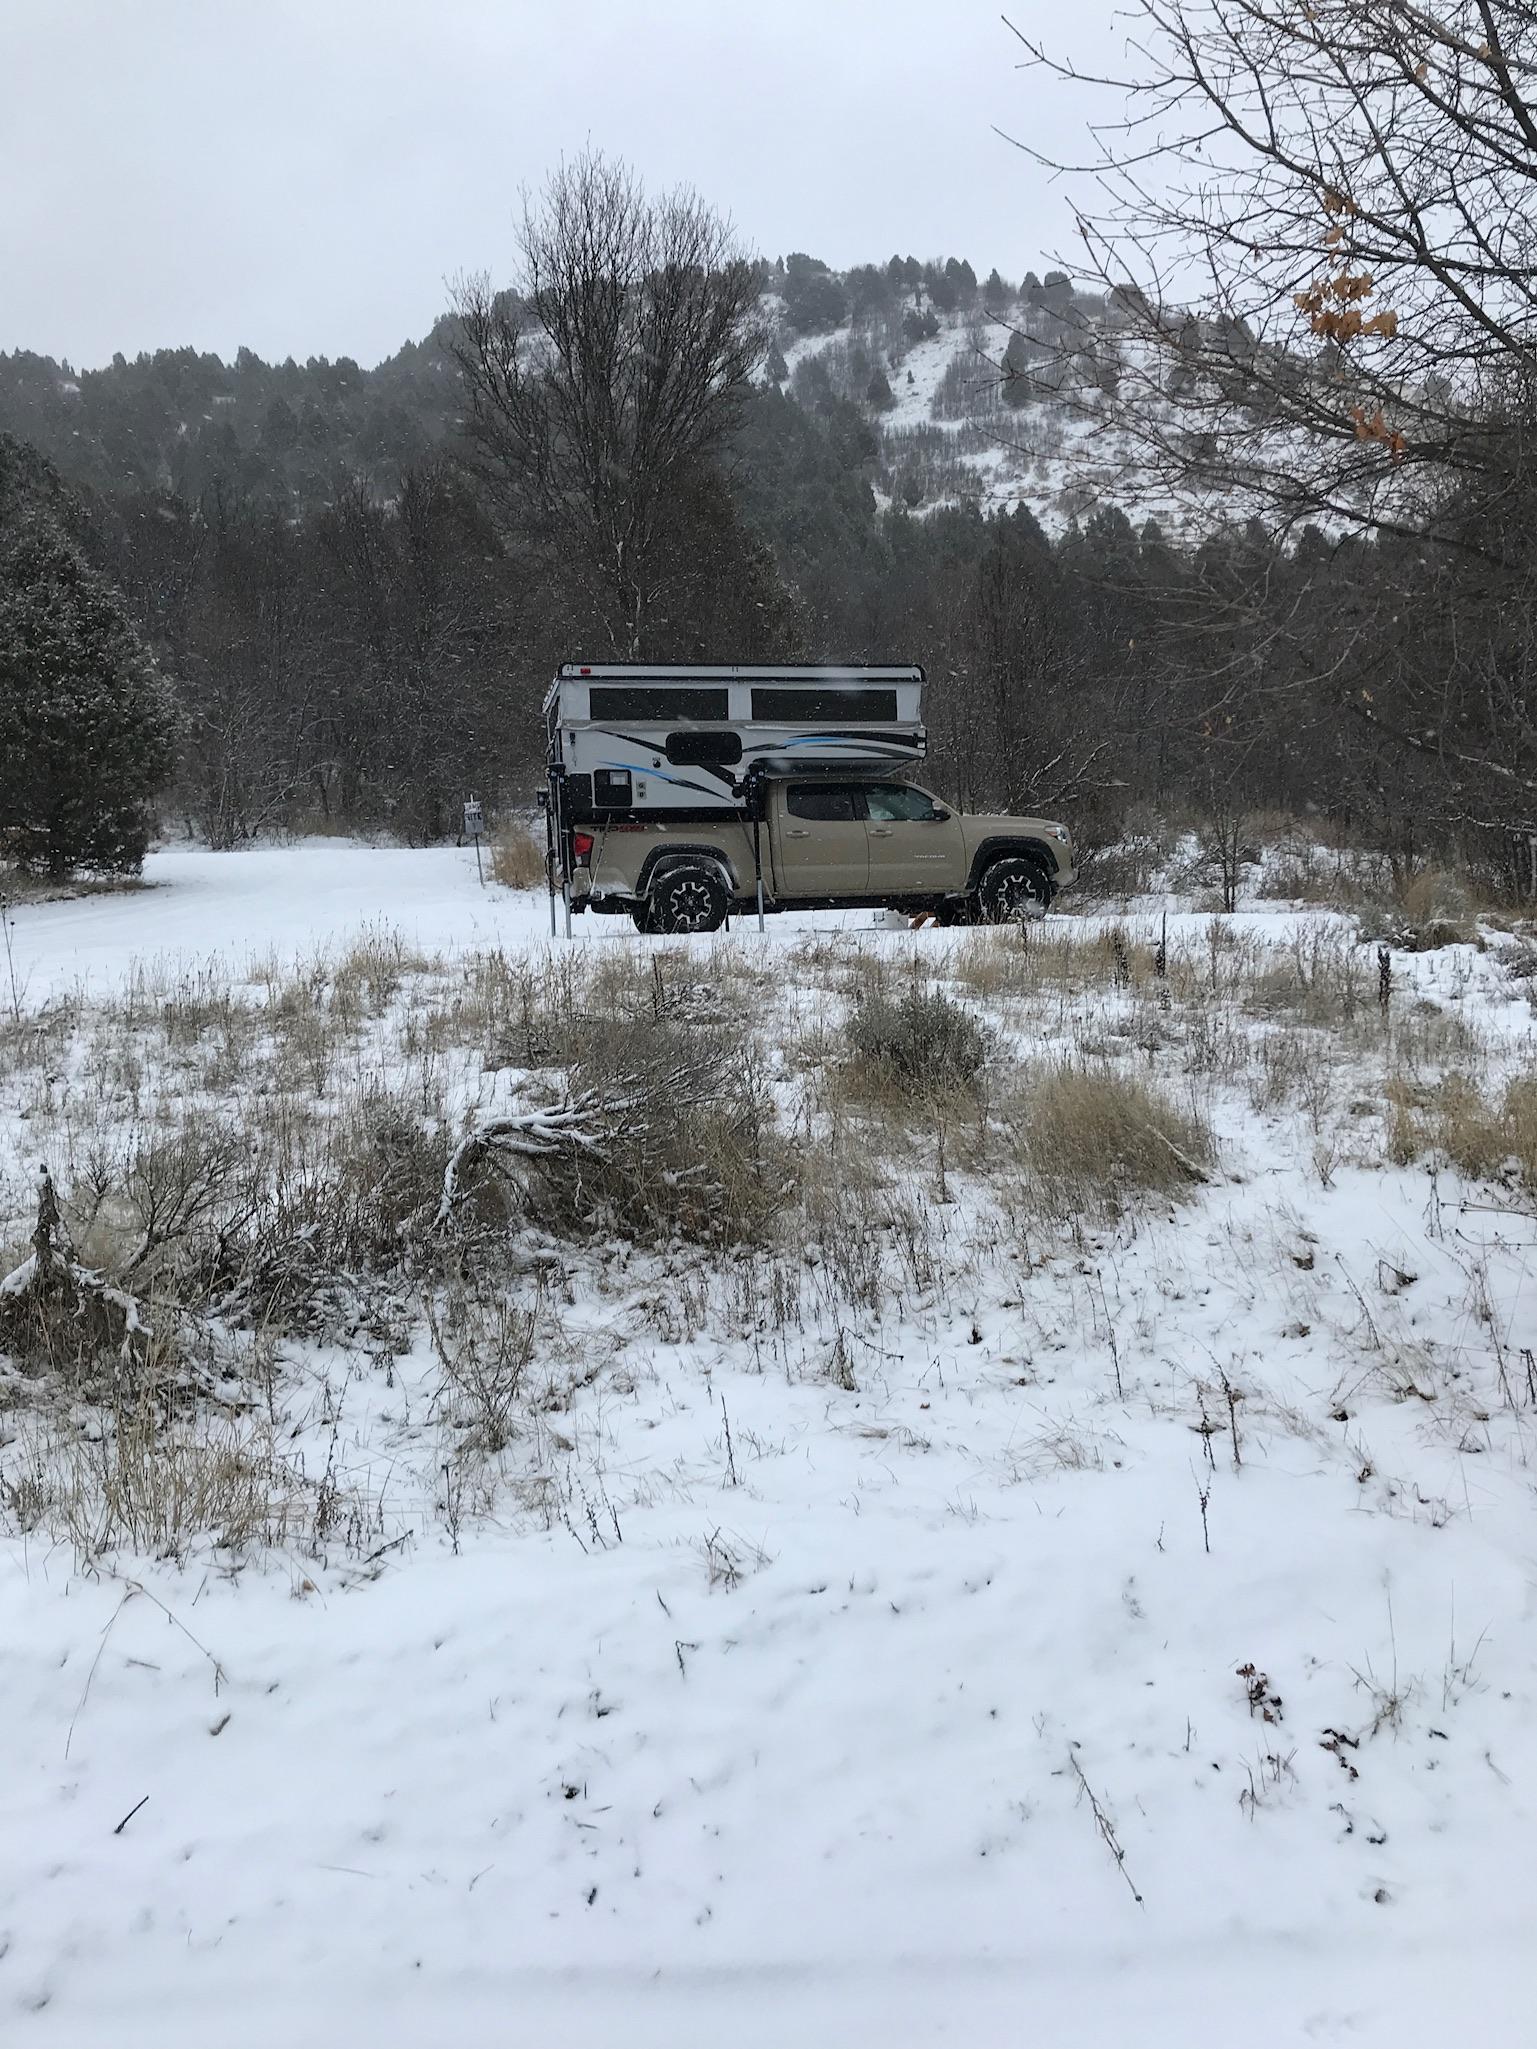 Our campsite, site 1.